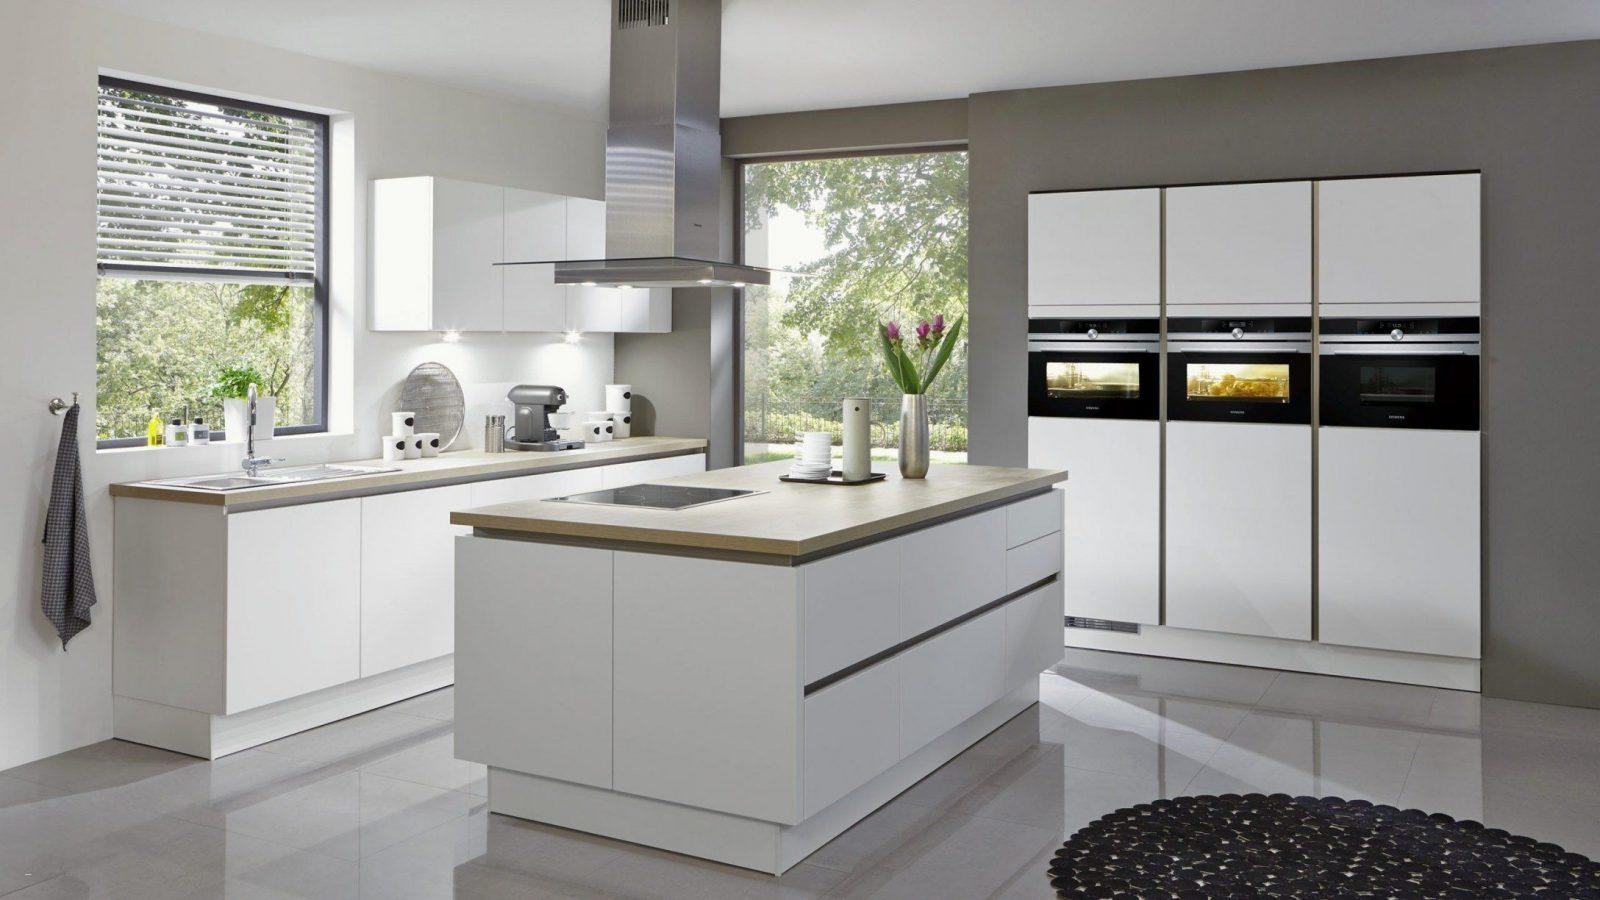 Moderne Wohnzimmer Mit Offener Küche Einzigartig 32 Frisch Fene von Moderne Wohnzimmer Mit Offener Küche Bild